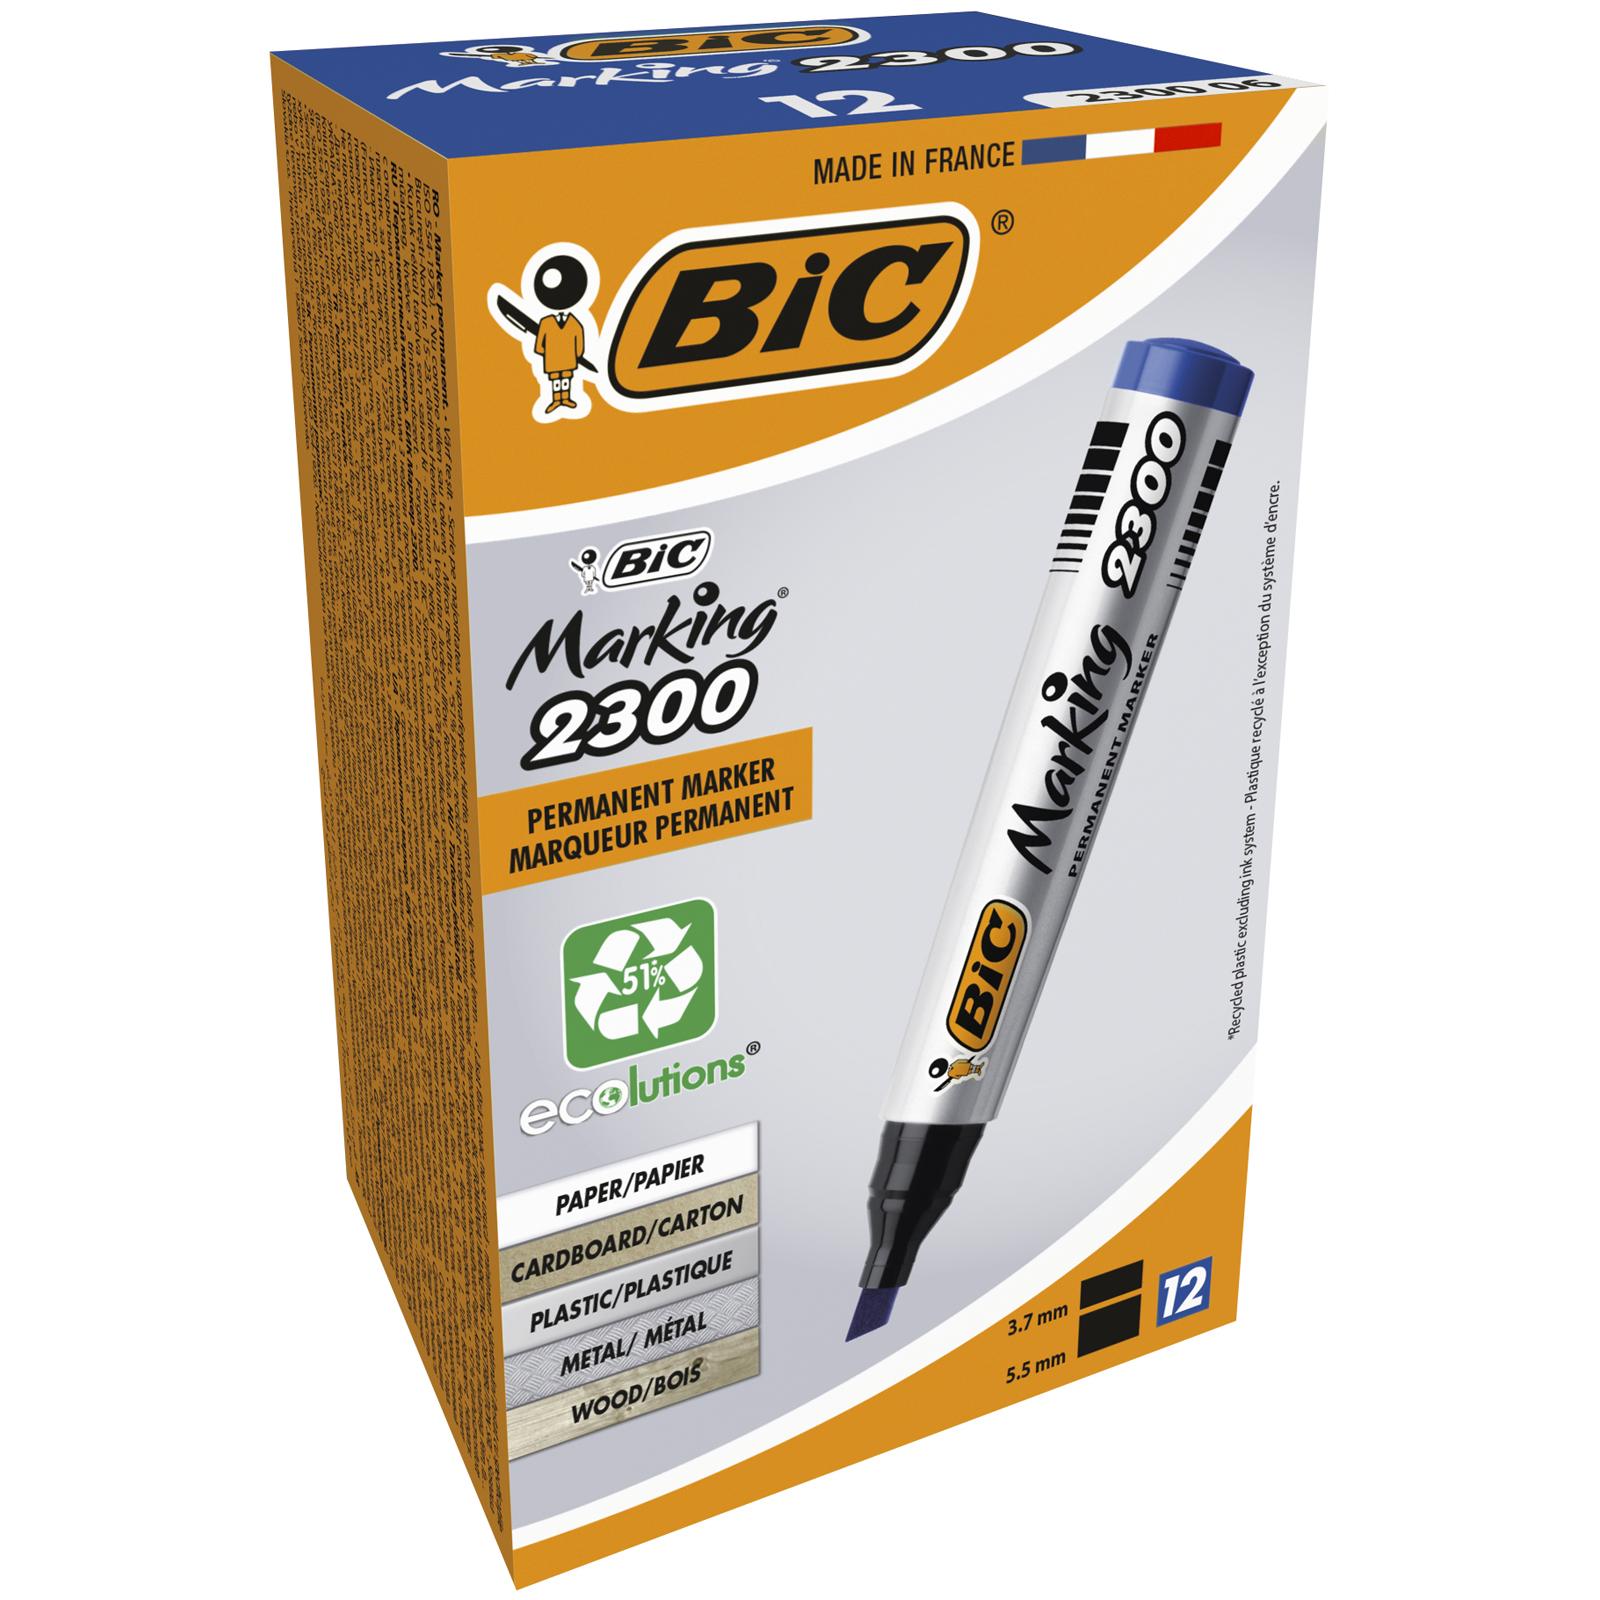 BIC MARKING 2300 - Pack de 12 marqueurs permanents - pointe biseau - bleu